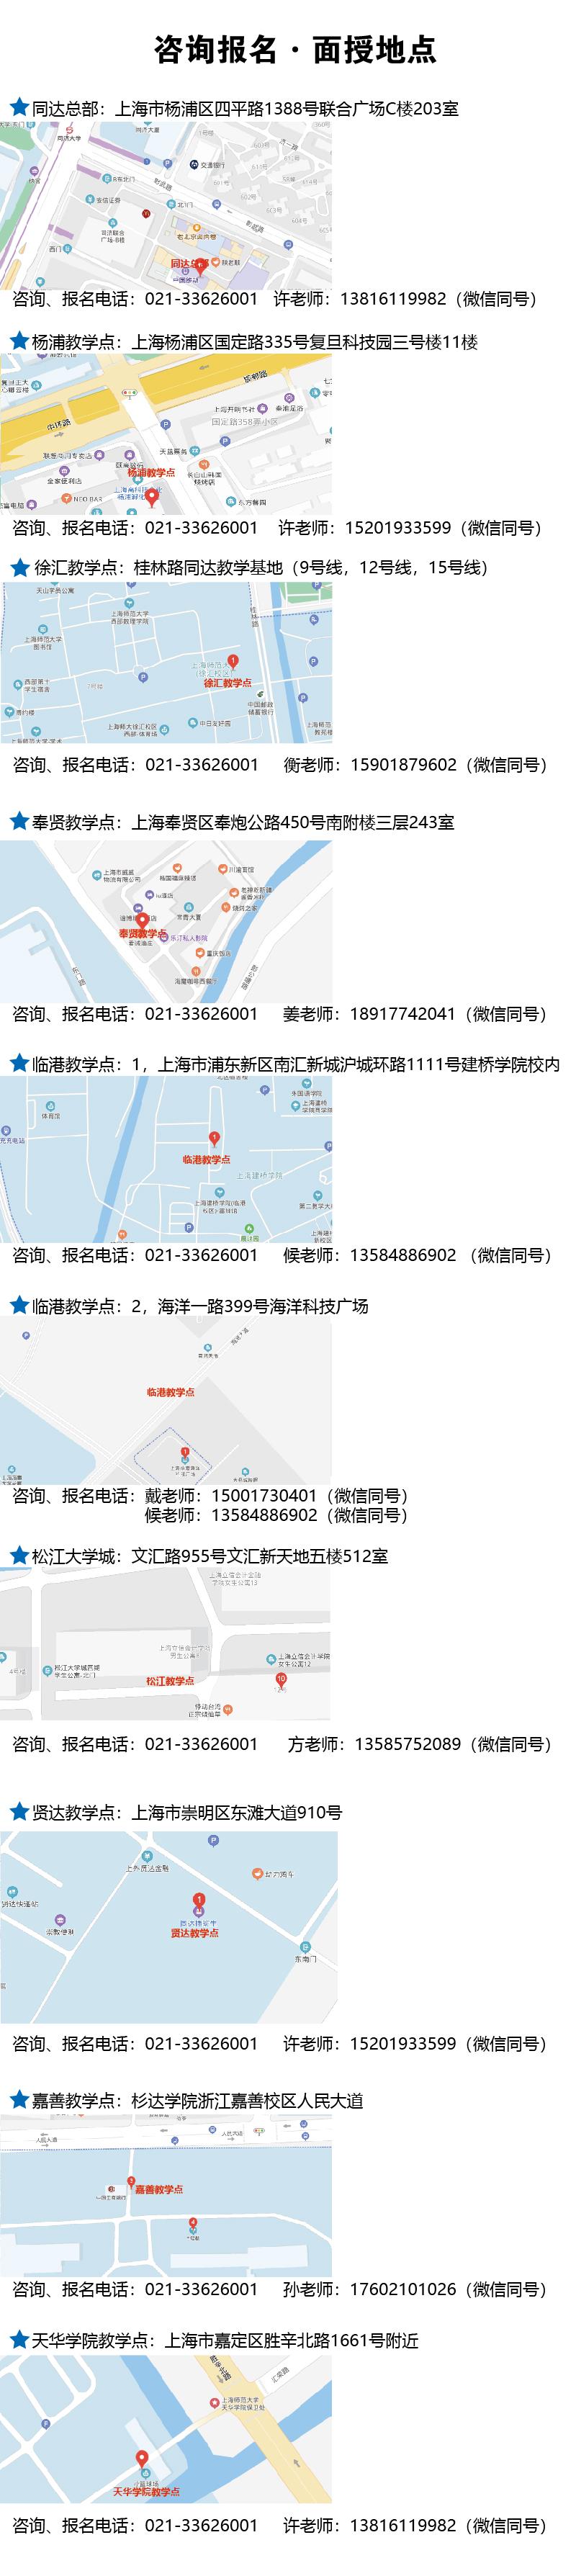 教学点地图_画板 1.jpg